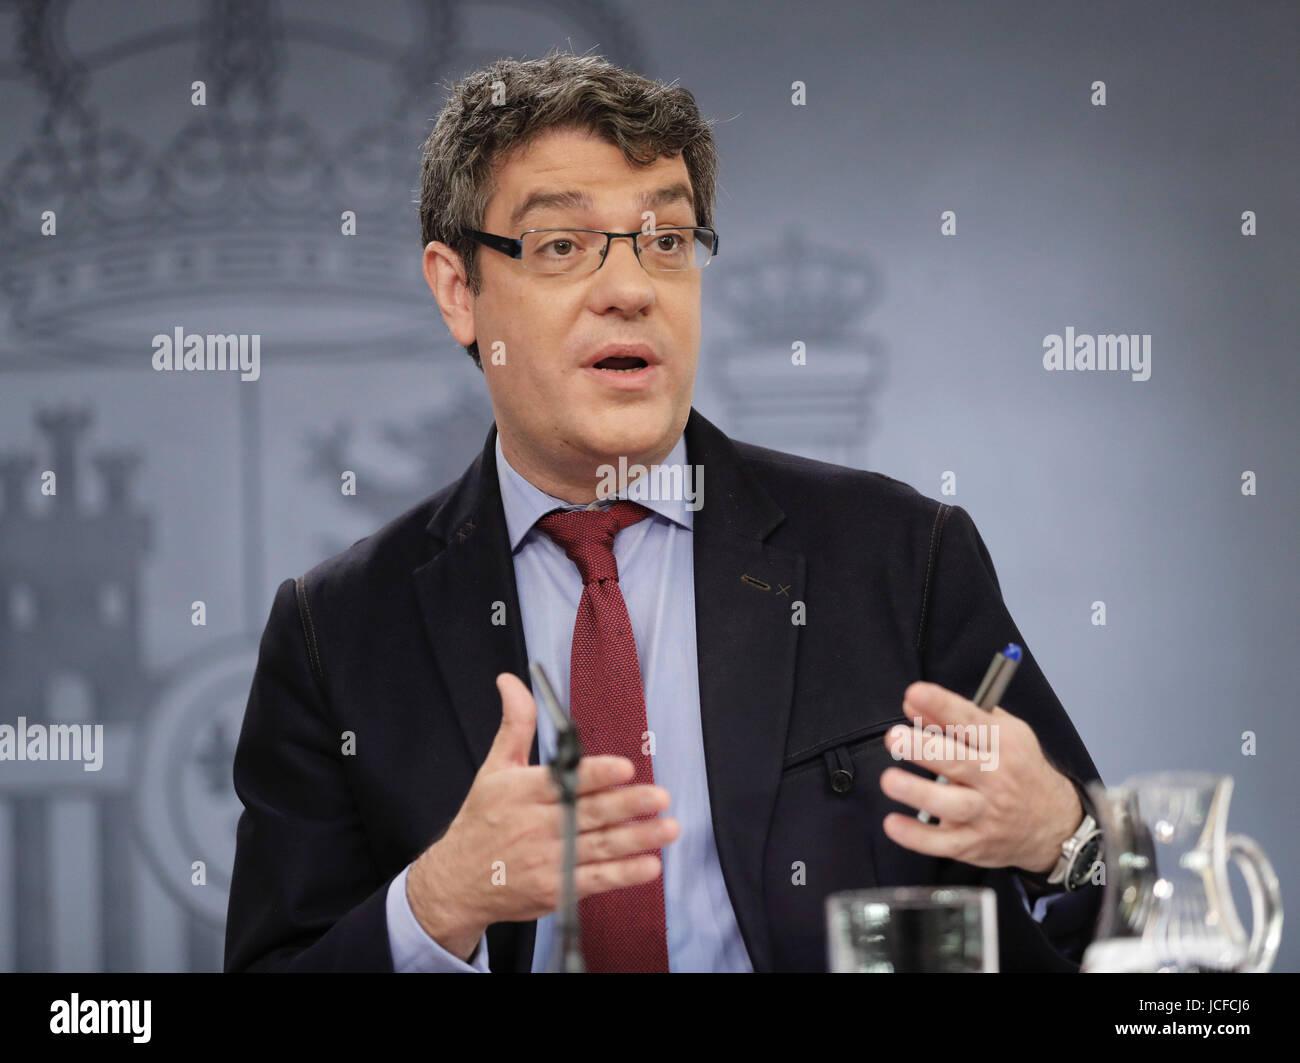 L'espagnol de l'énergie, du Tourisme et ministre de l'Agenda Numérique, Alvaro Nadal, traite Photo Stock